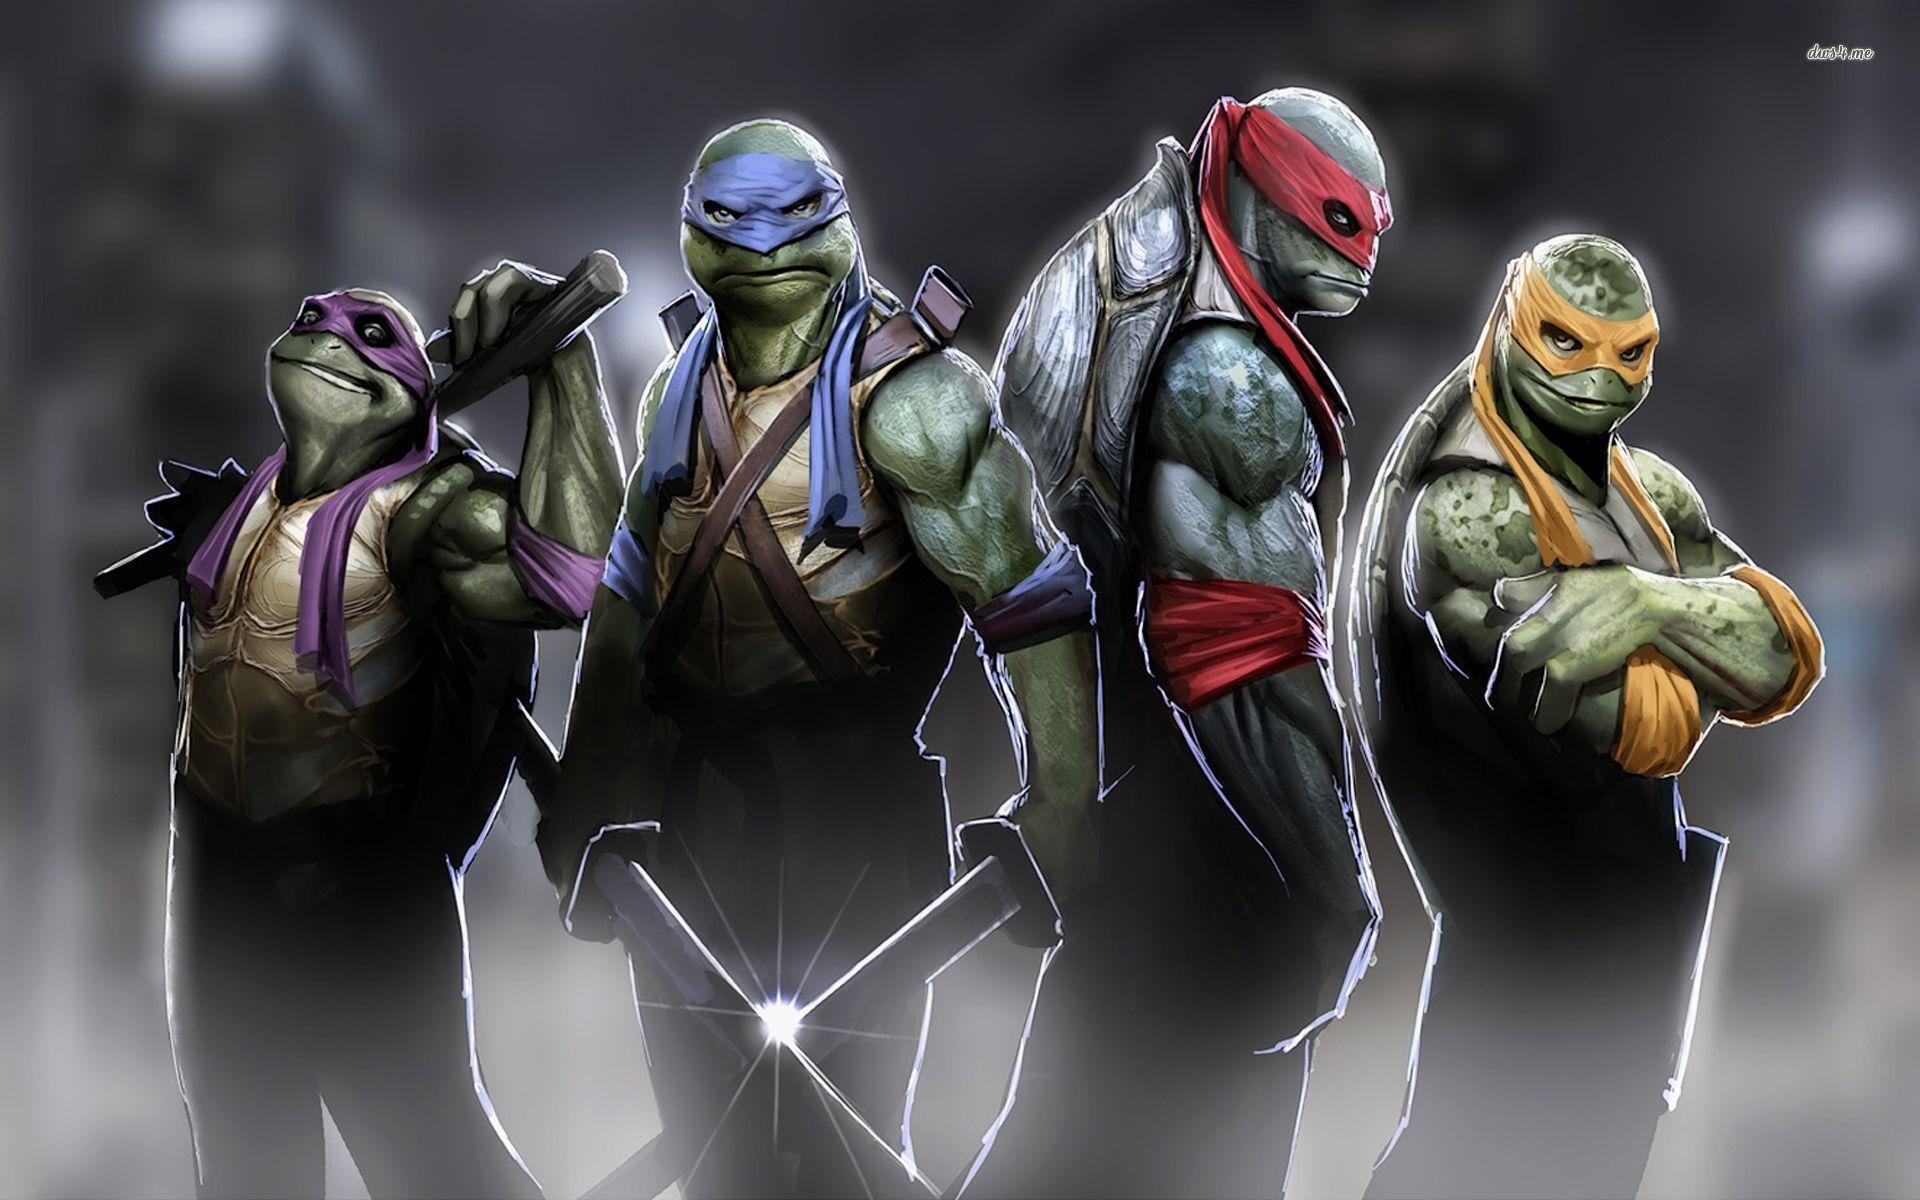 Teenage Mutant Ninja Turtles Wallpapers (66+ images)